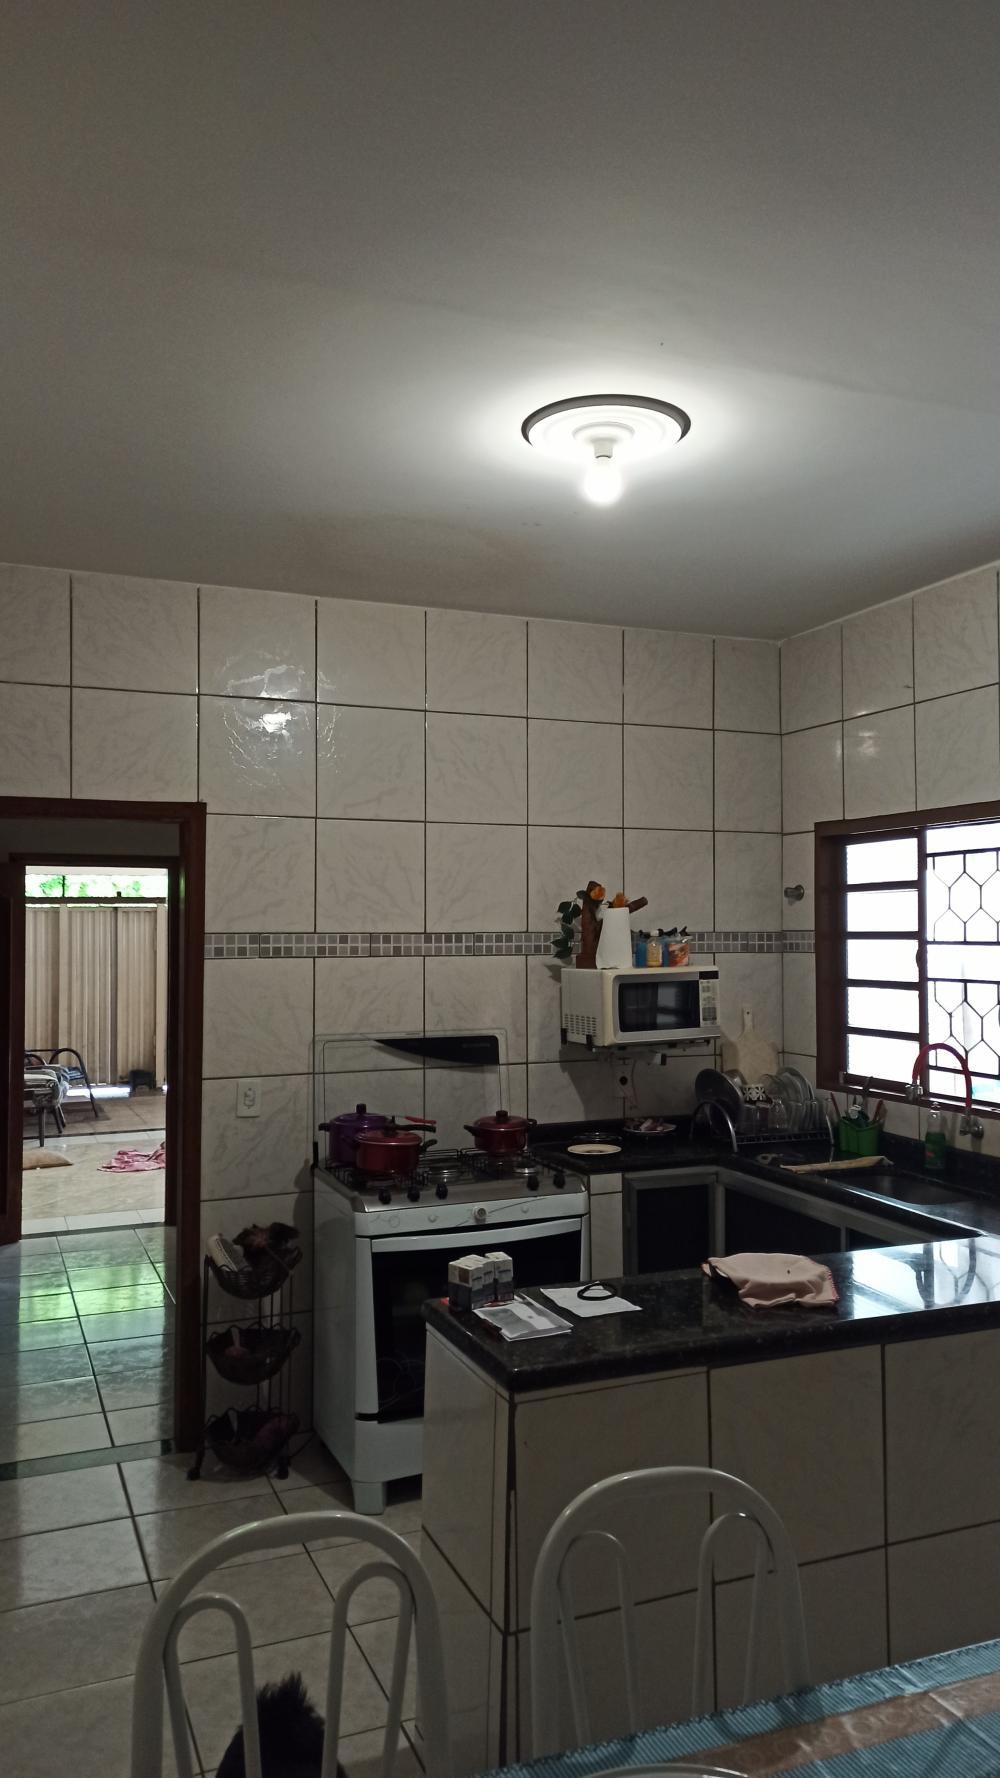 Sao Jose do Rio Preto Casa Venda R$280.000,00 4 Dormitorios 3 Vagas Area do terreno 200.00m2 Area construida 150.00m2